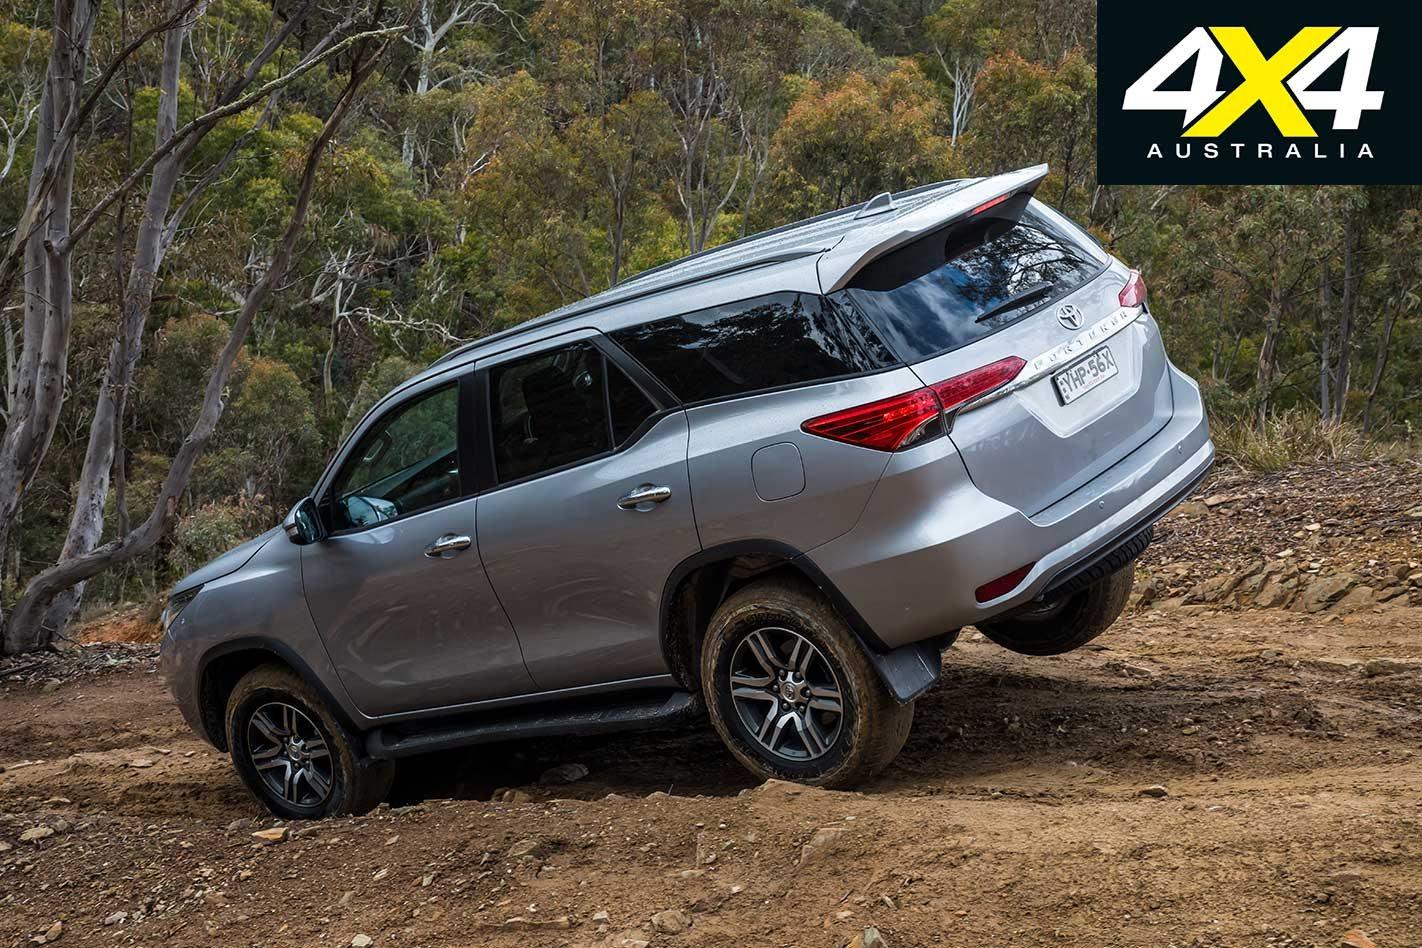 Kelebihan Kekurangan Harga Toyota Fortuner 2018 Review